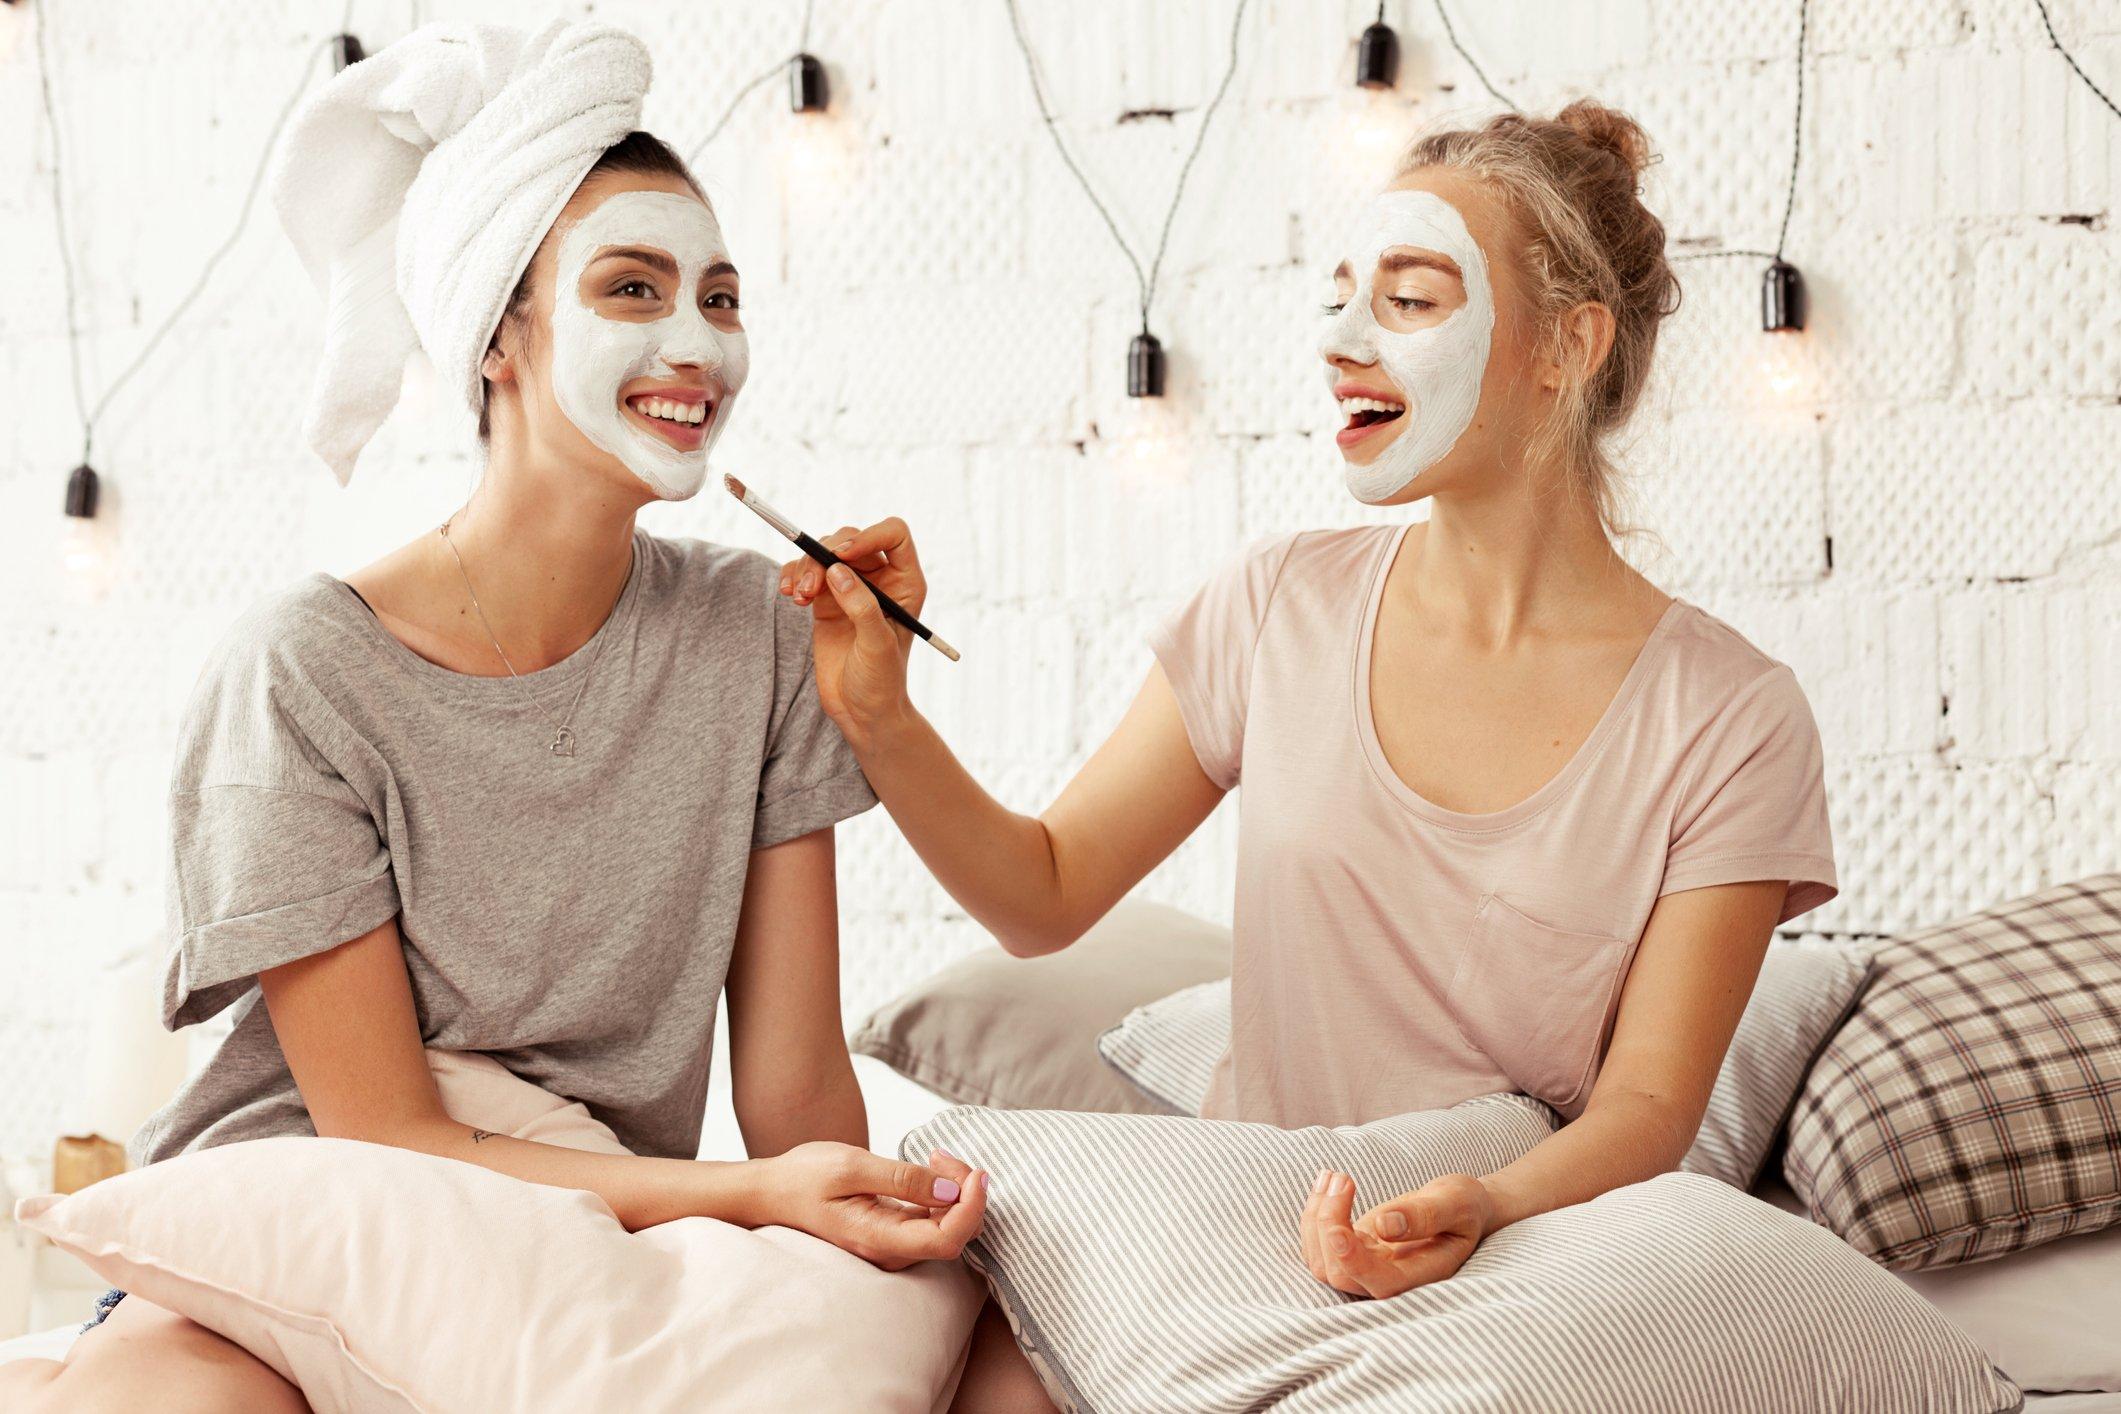 Frauen tragen sich gegenseitig Gesichtsmasken auf